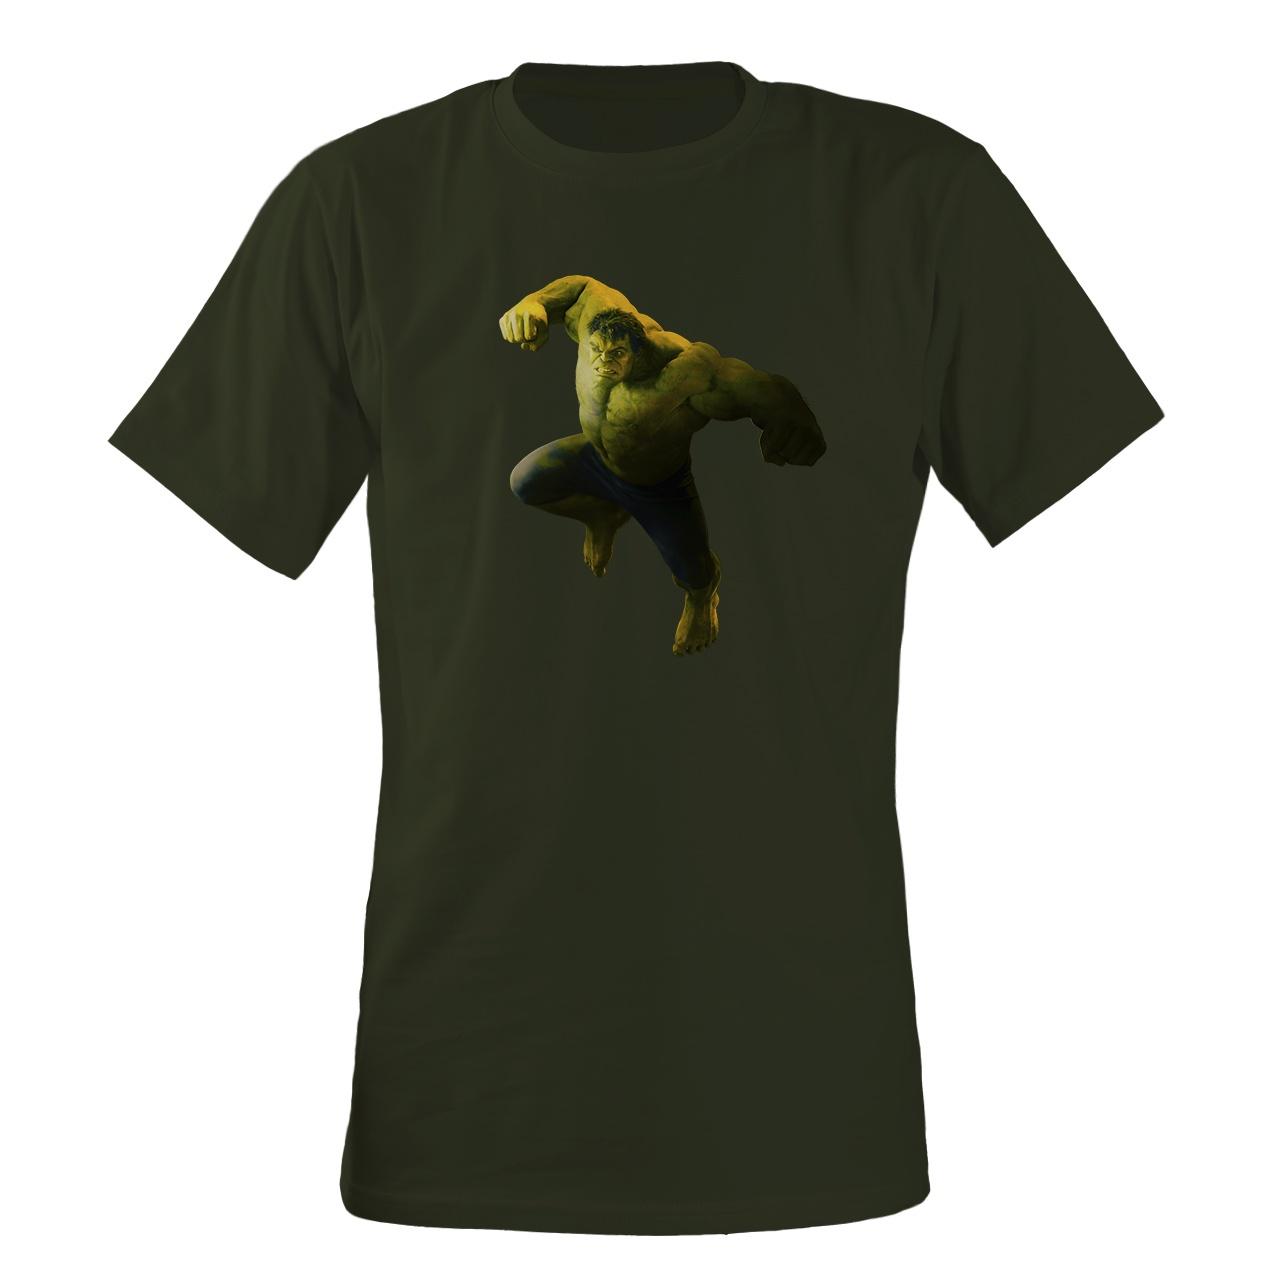 تی شرت مردانه مسترمانی طرح هالک مدل avengers کد 1106